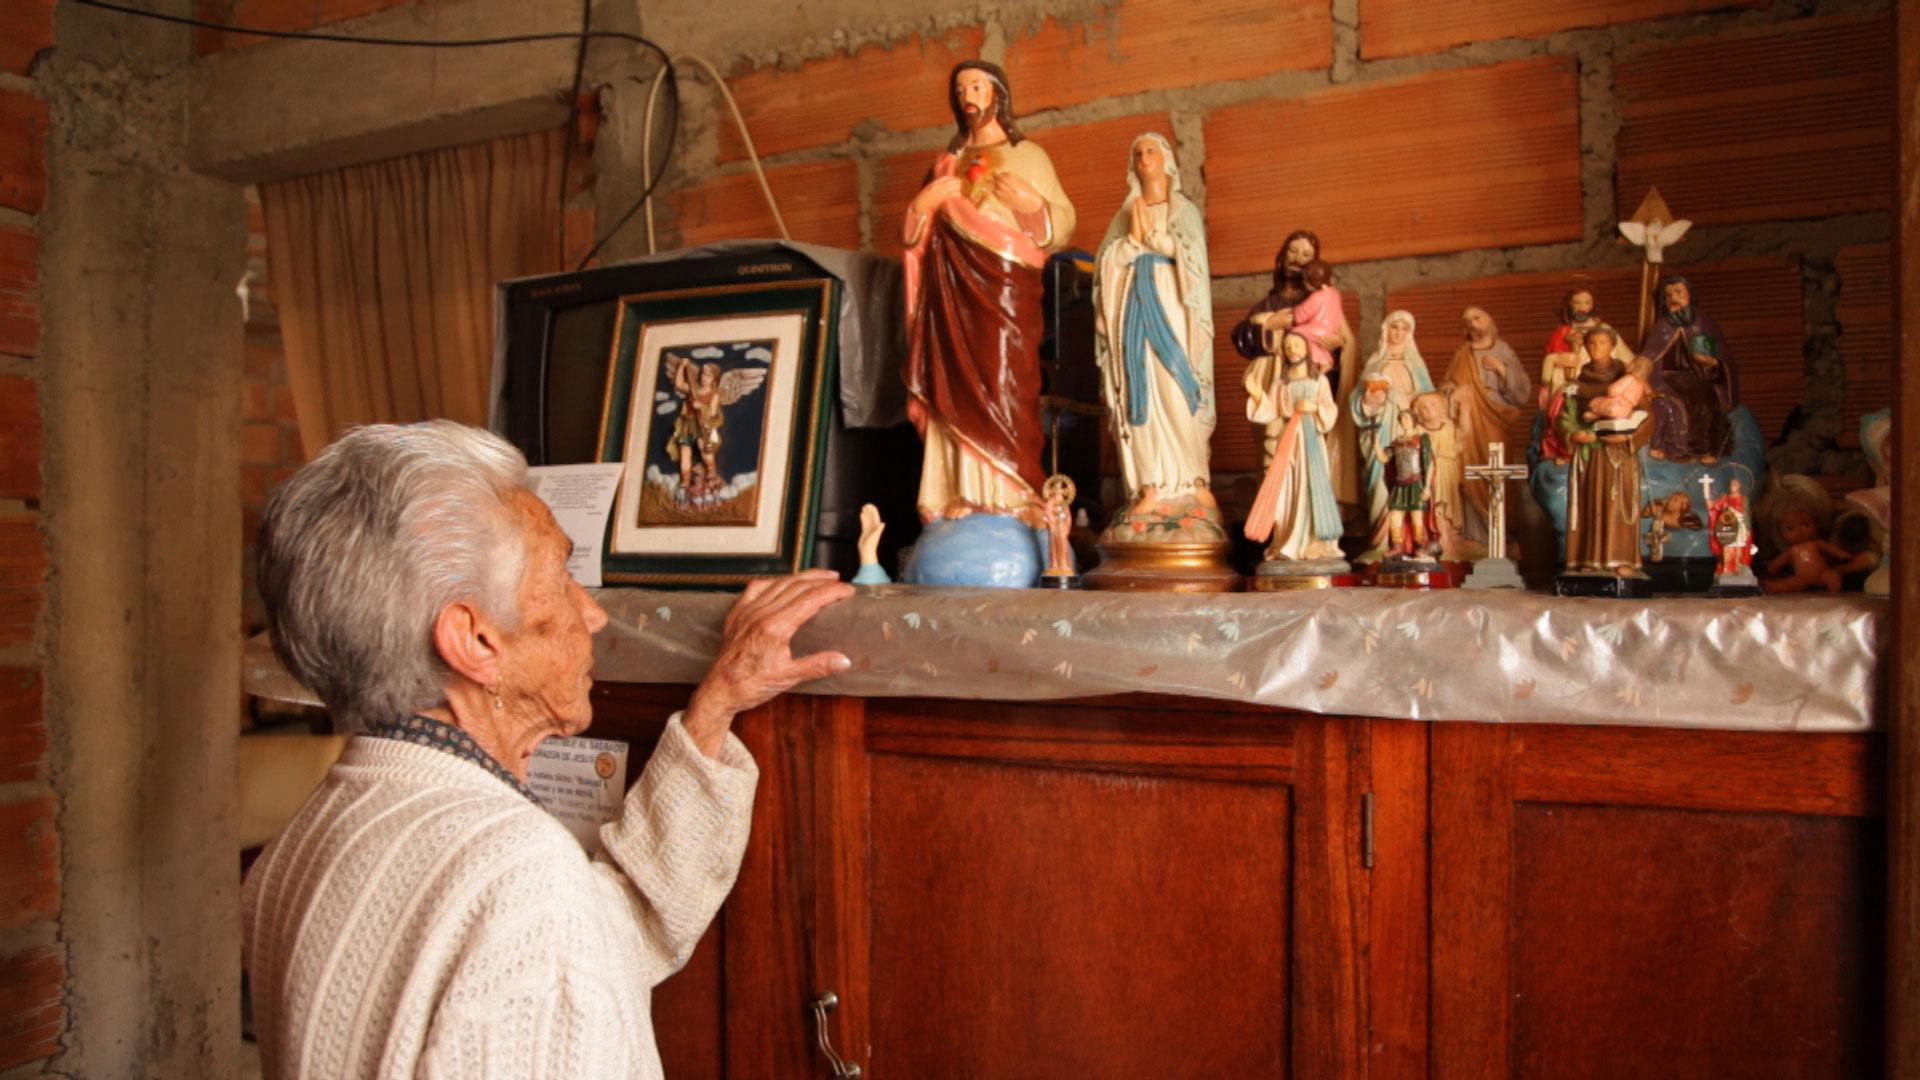 Uma senhora de costas, com cabelos brancos, olha para uma coleção de esculturas de santos perfiladas sobre um armário